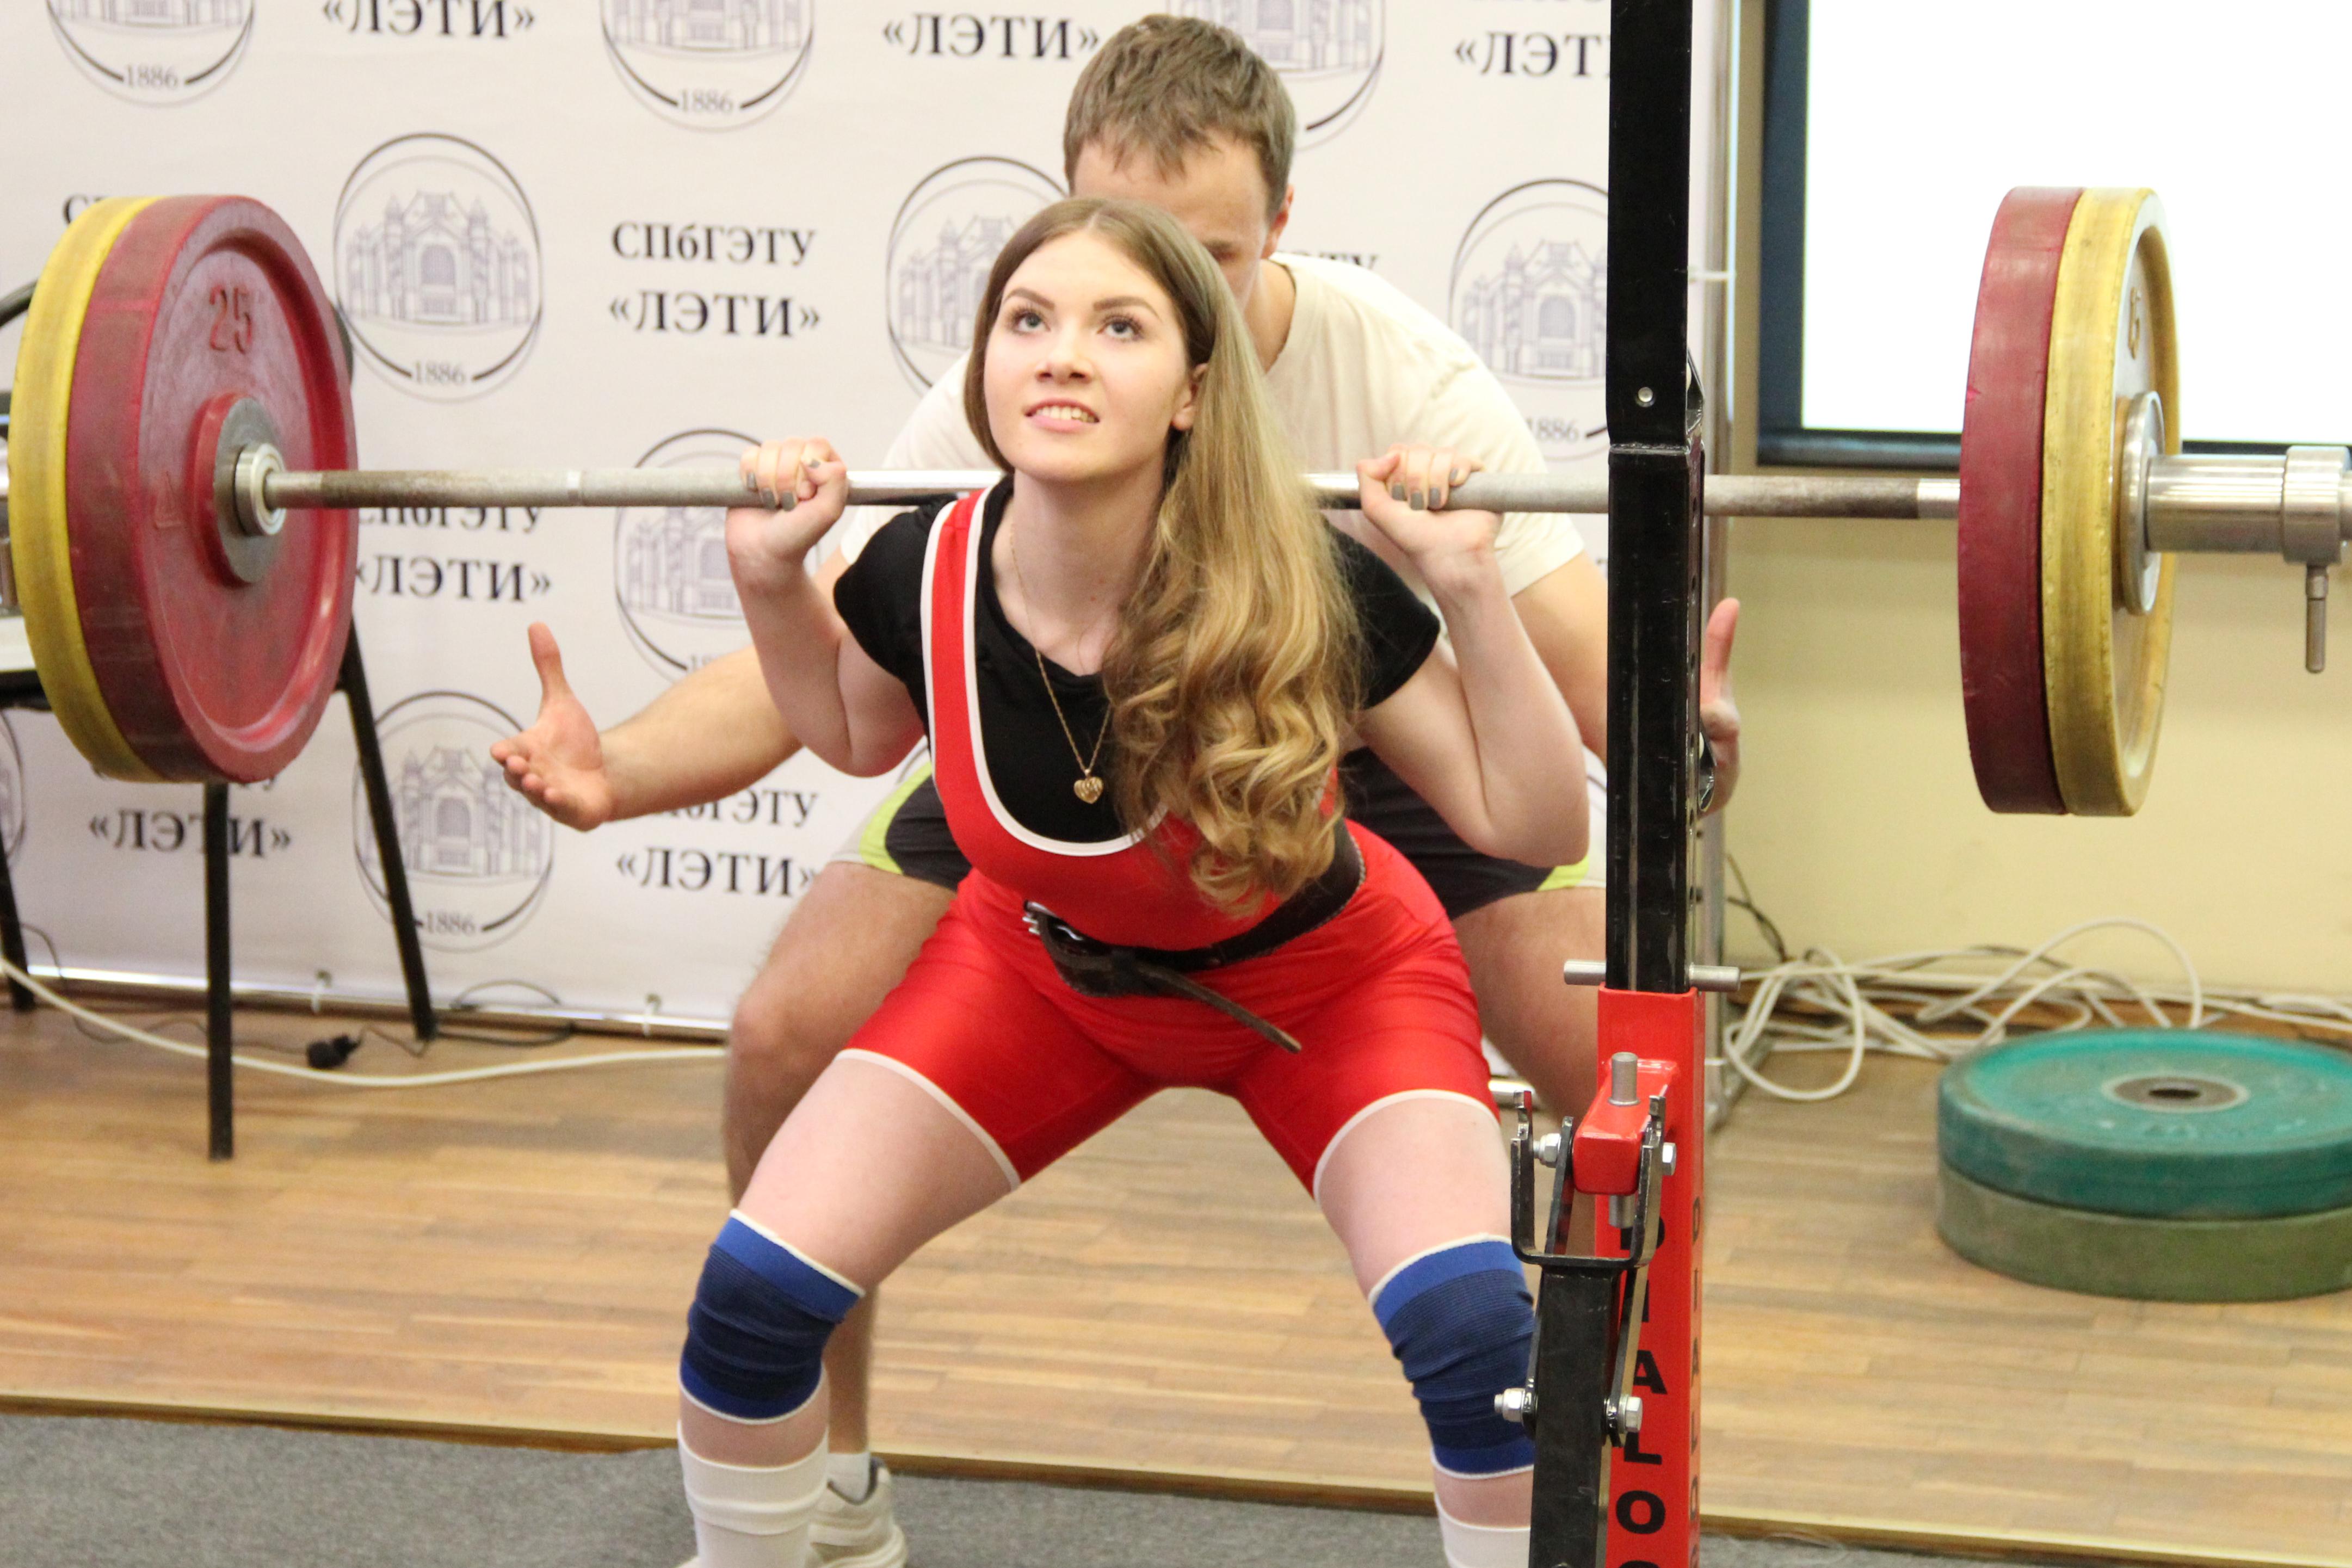 Более 300 силачей со всей России приедут на соревнования по пауэрлифтингу в Тюмени